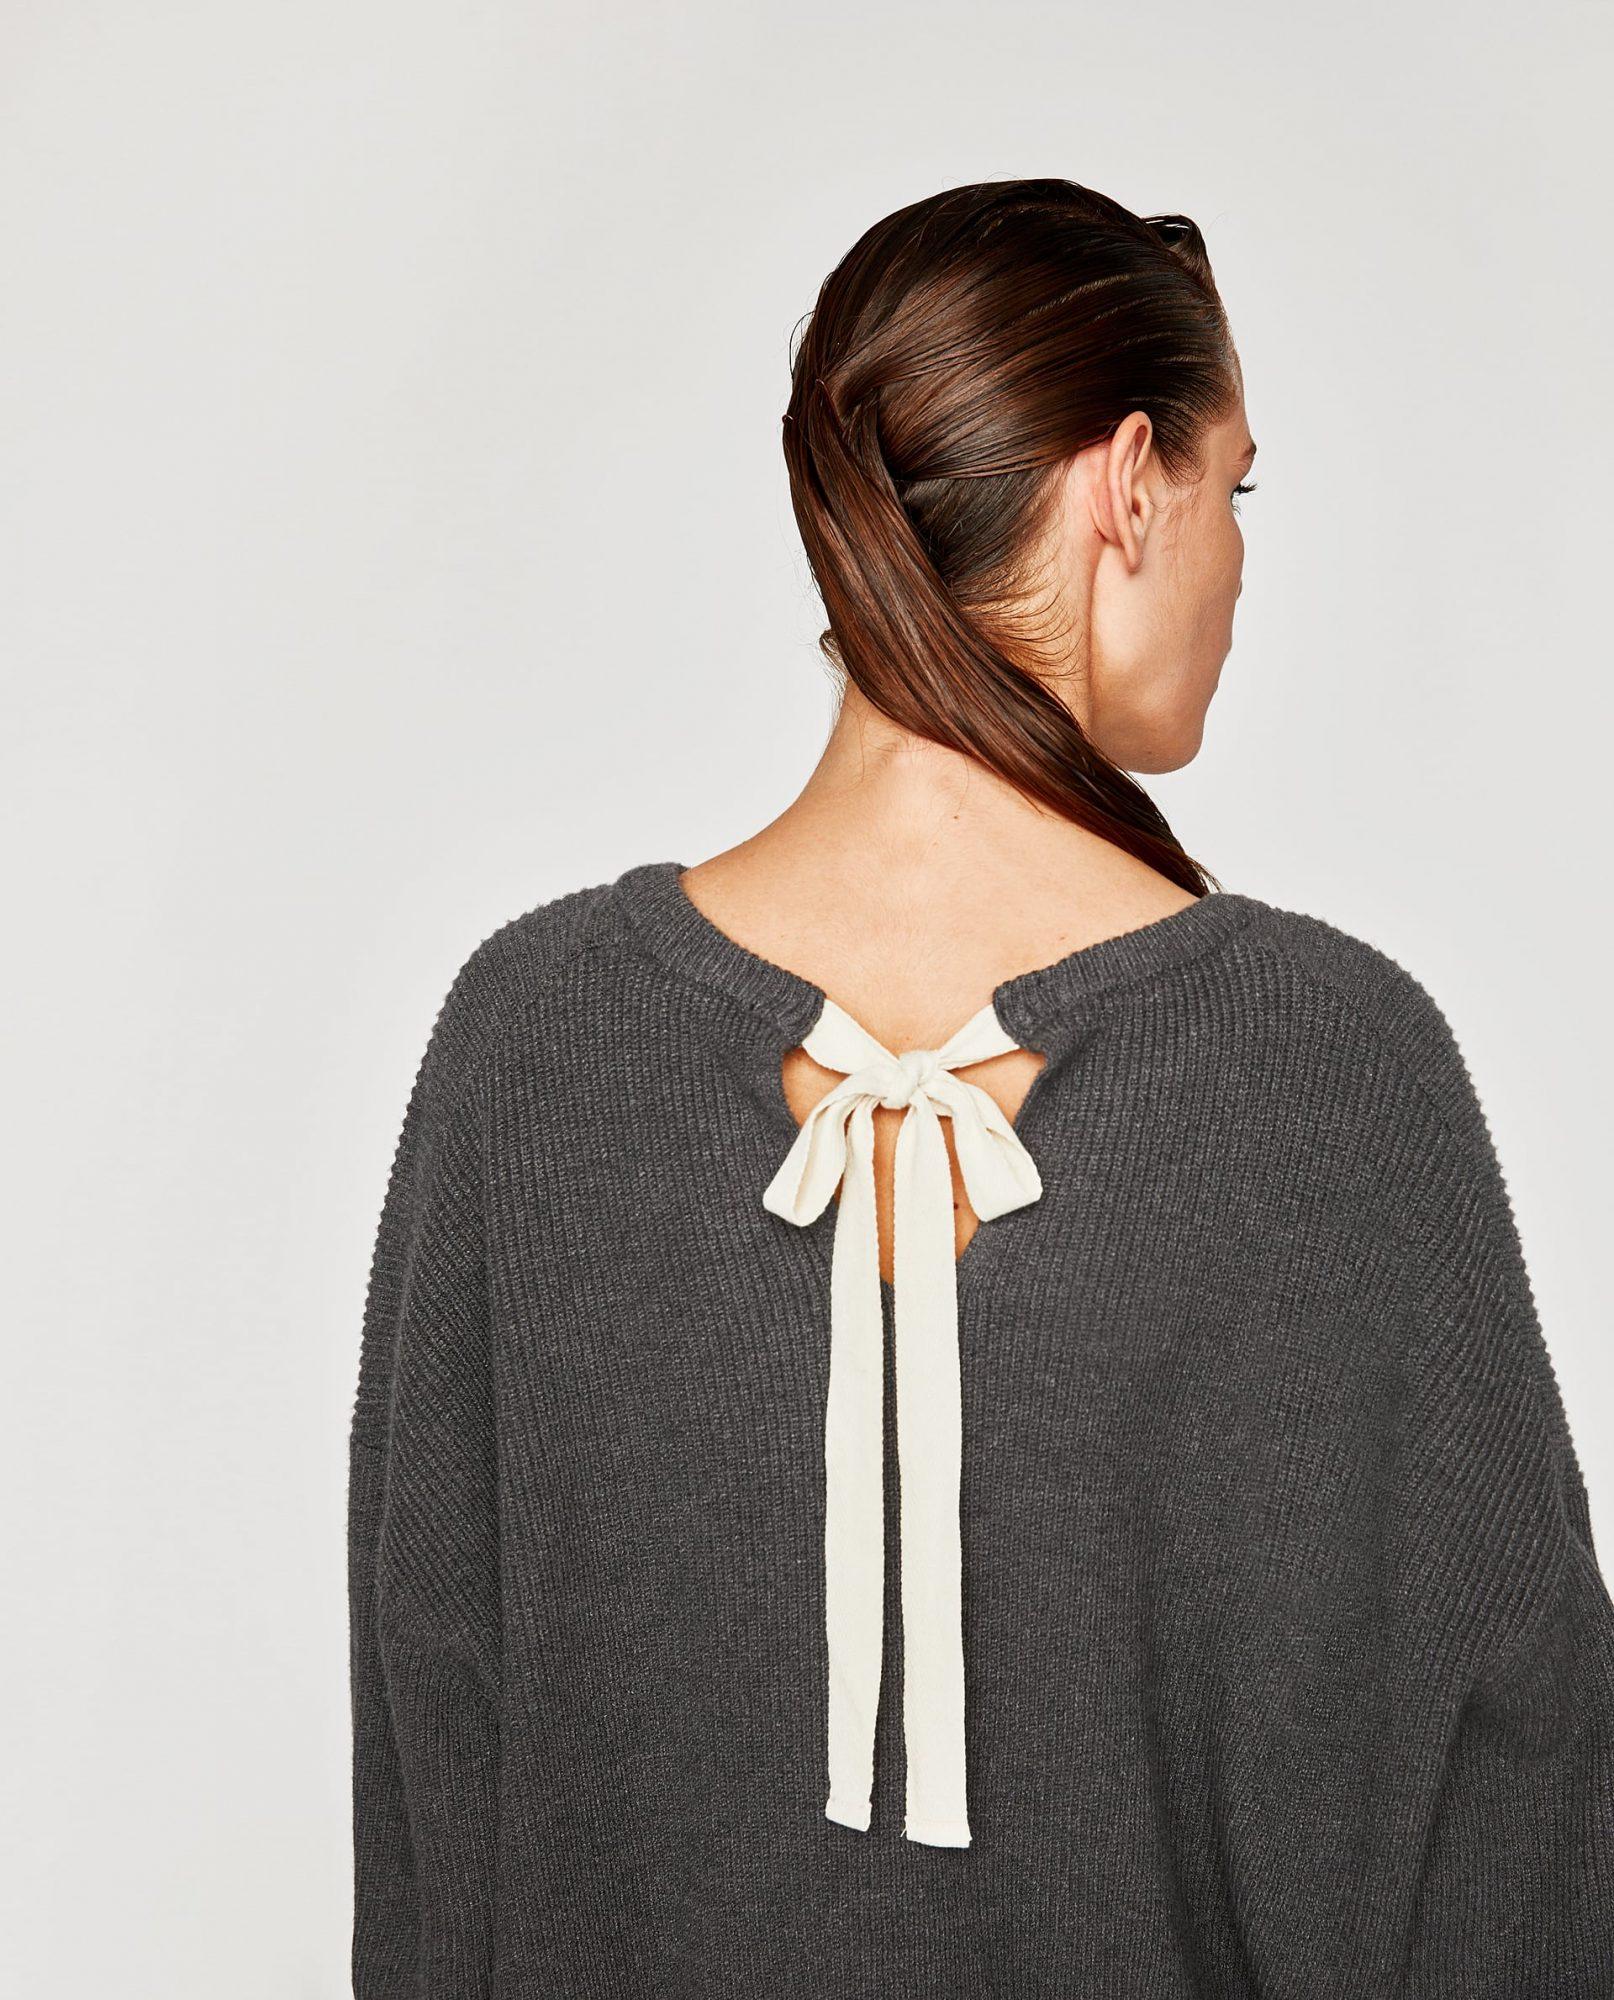 Zara-bow-sweater.jpg